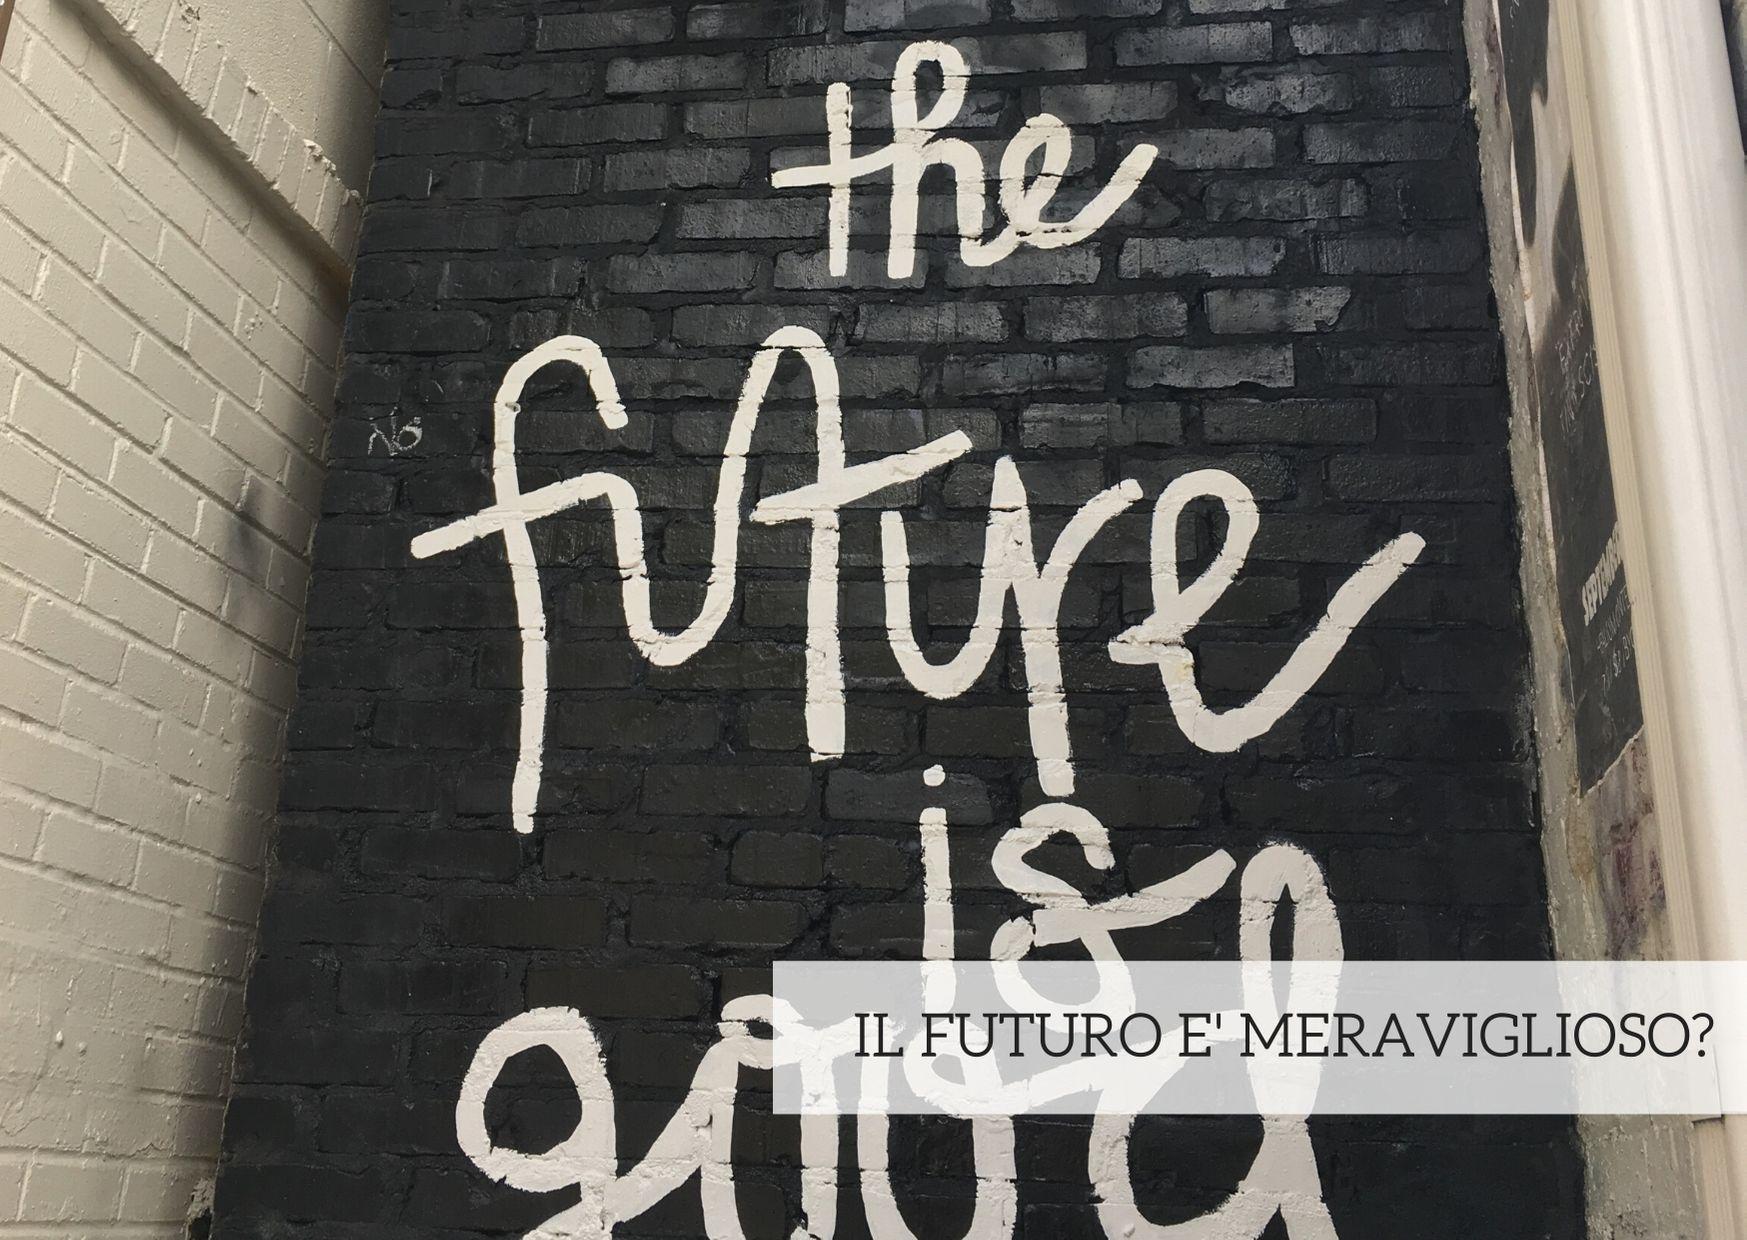 Il futuro è meraviglioso?